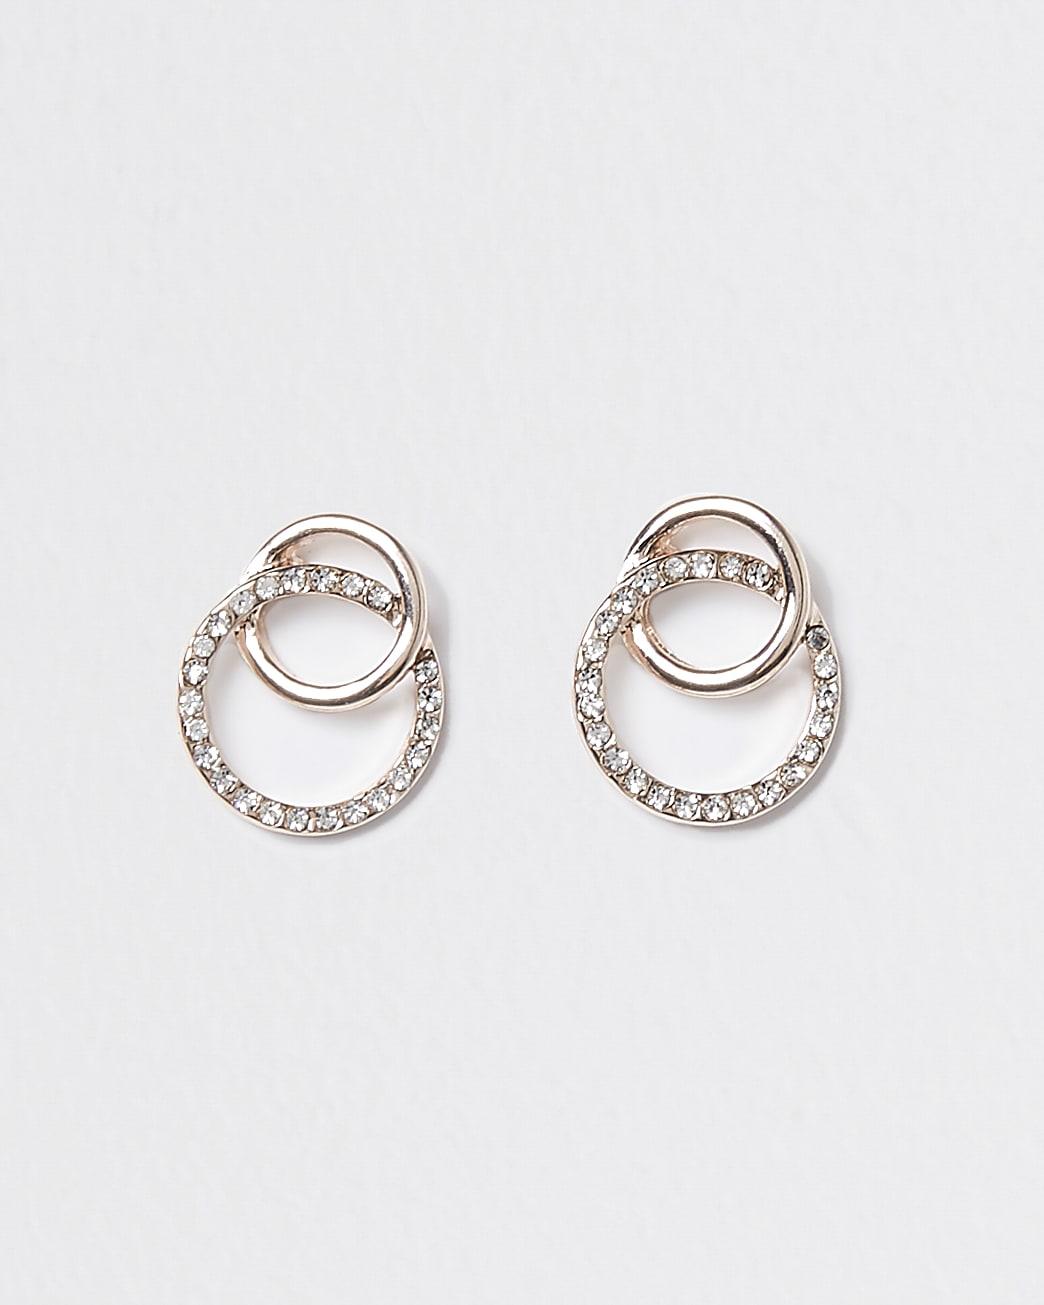 Rose gold crystal linked stud earrings